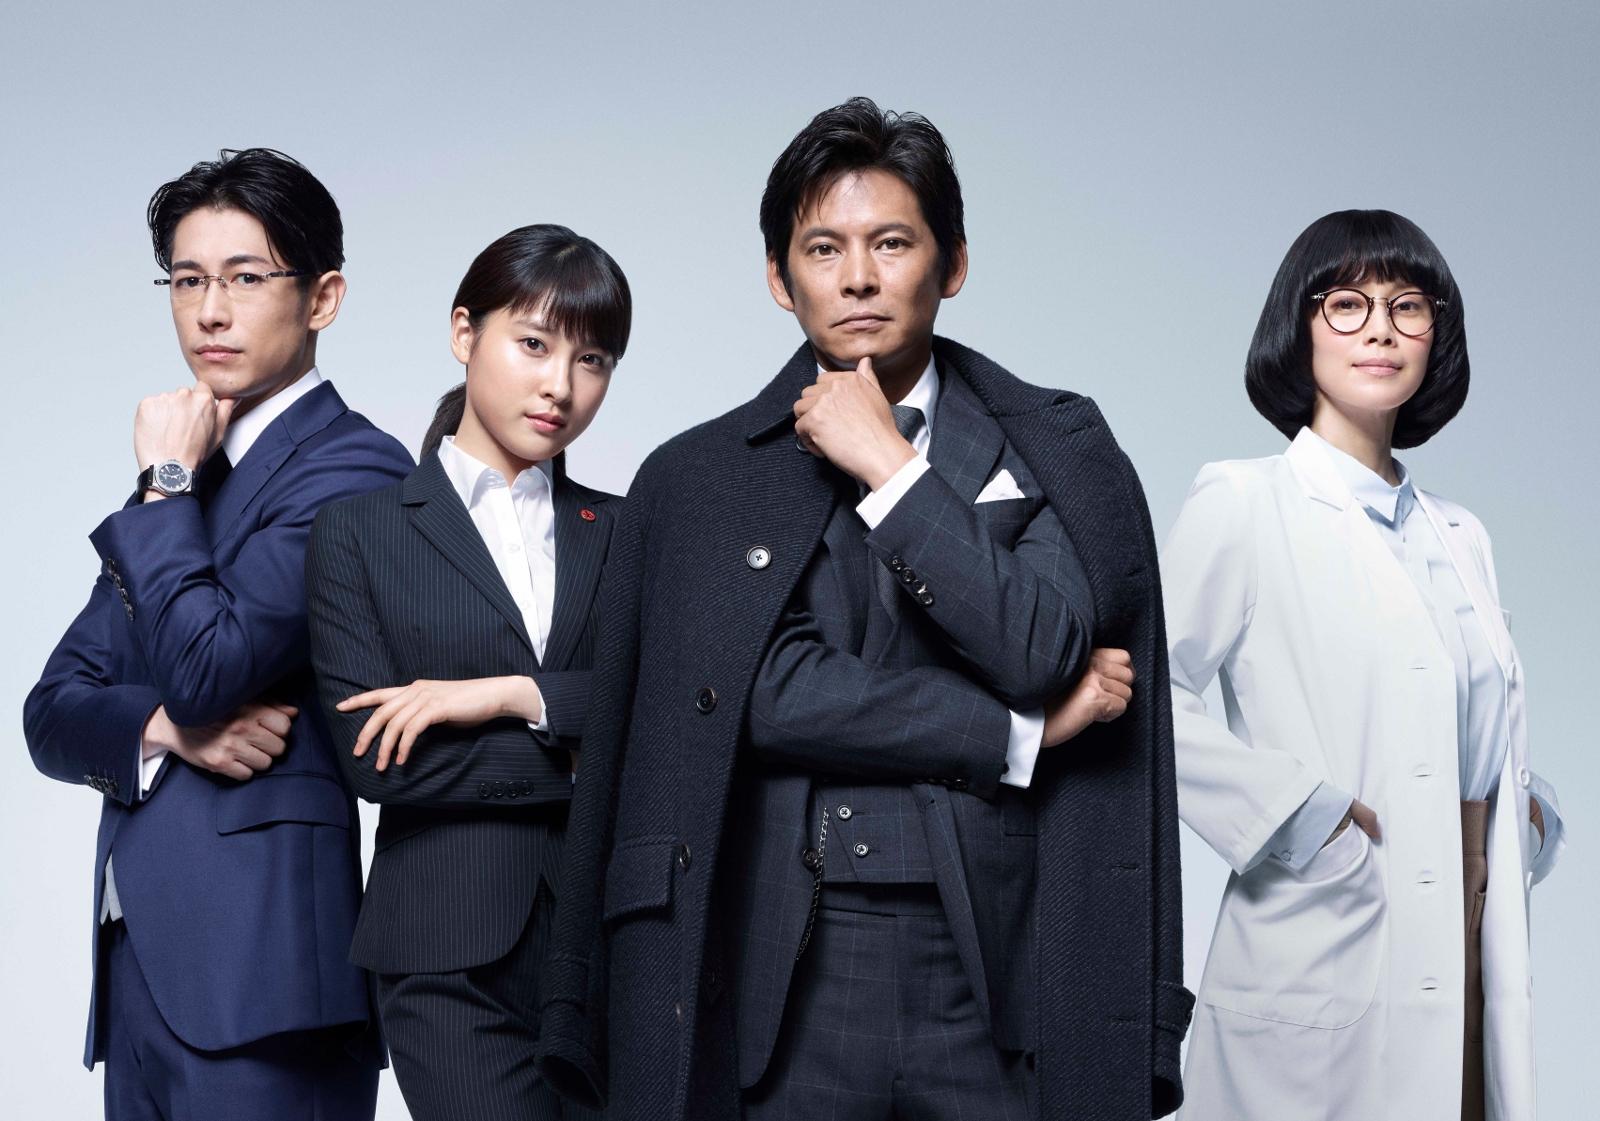 「IQ246」織田裕二×石黒賢共演で「振り返れば~」ネタに視聴者喜び。ディーン・フジオカ、メガネ執事役には「やばい」「アクションシーンかっこよすぎ」の声続出サムネイル画像